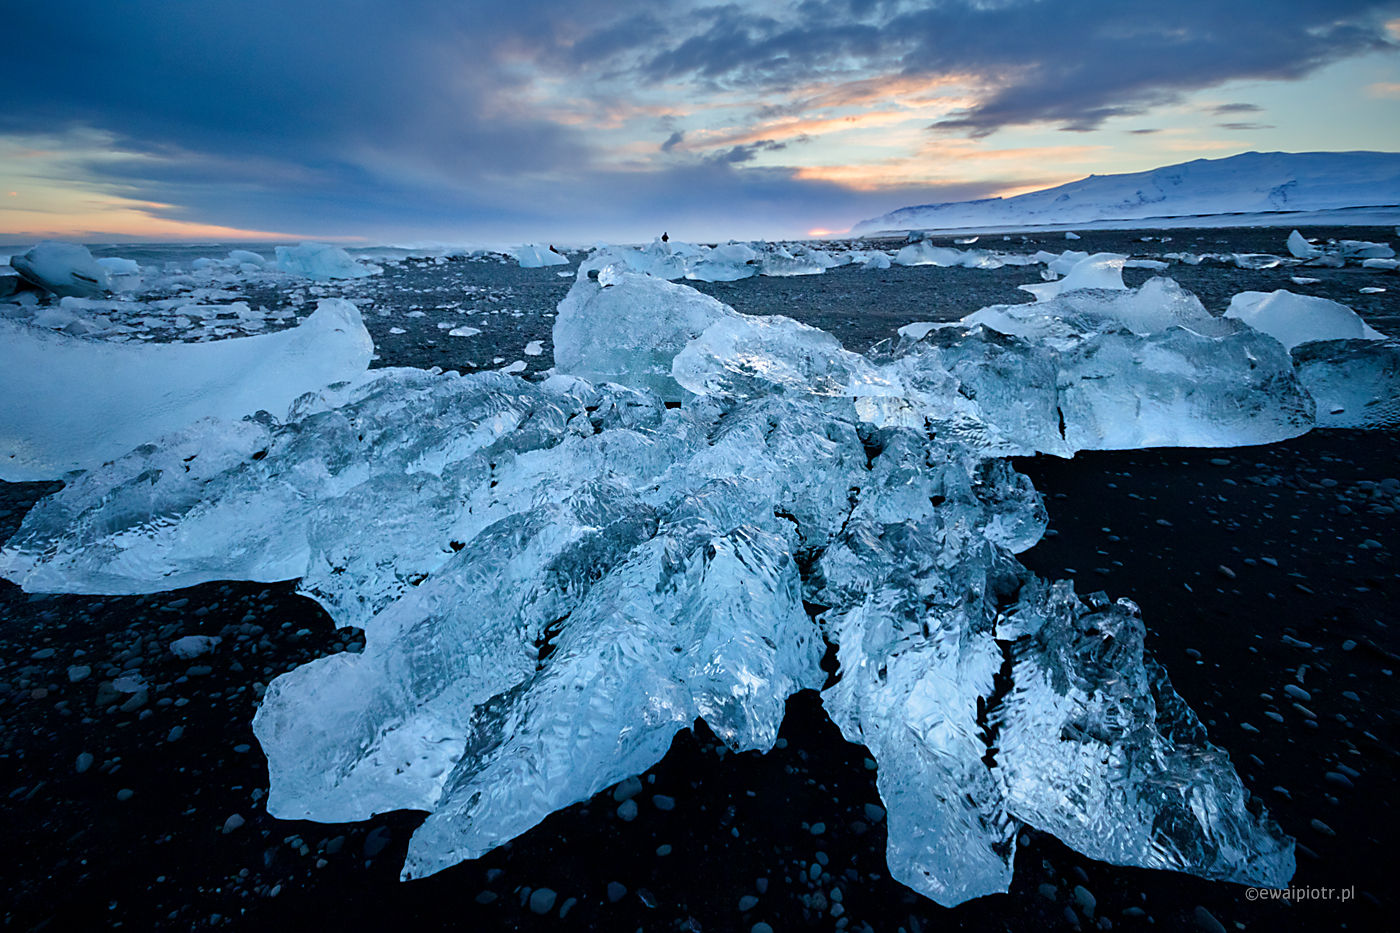 Zachód słońca na plaży Jokulsarlon, Islandia, wyprawa fotograficzna, zima